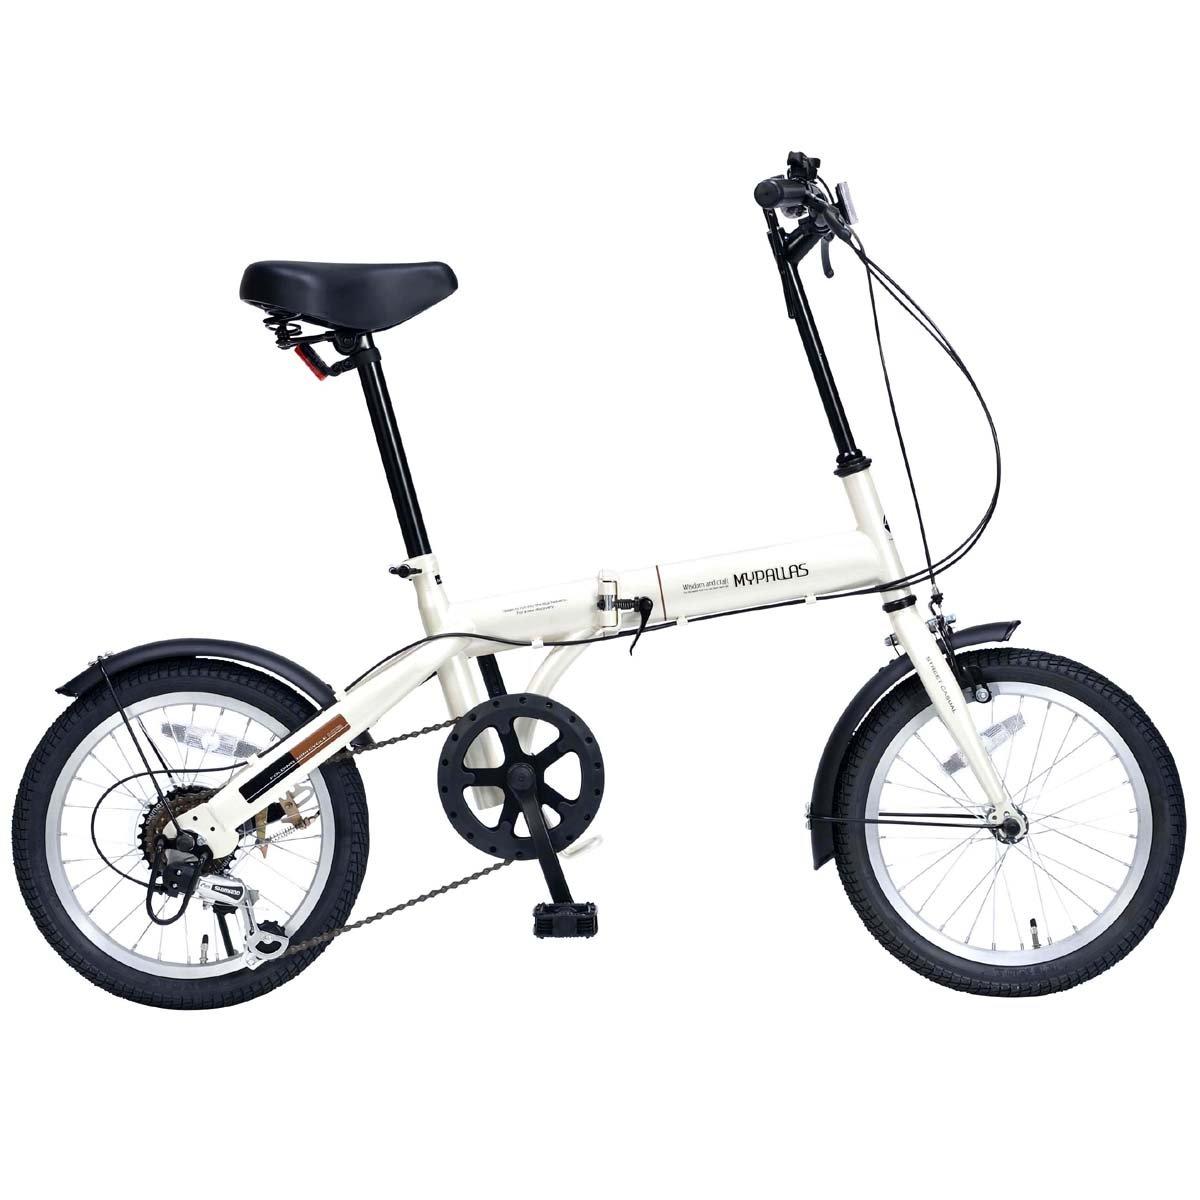 My Pallas(マイパラス) 折畳自転車16インチシマノ6段ギア付 M-103 B07CWSMC57アイボリー